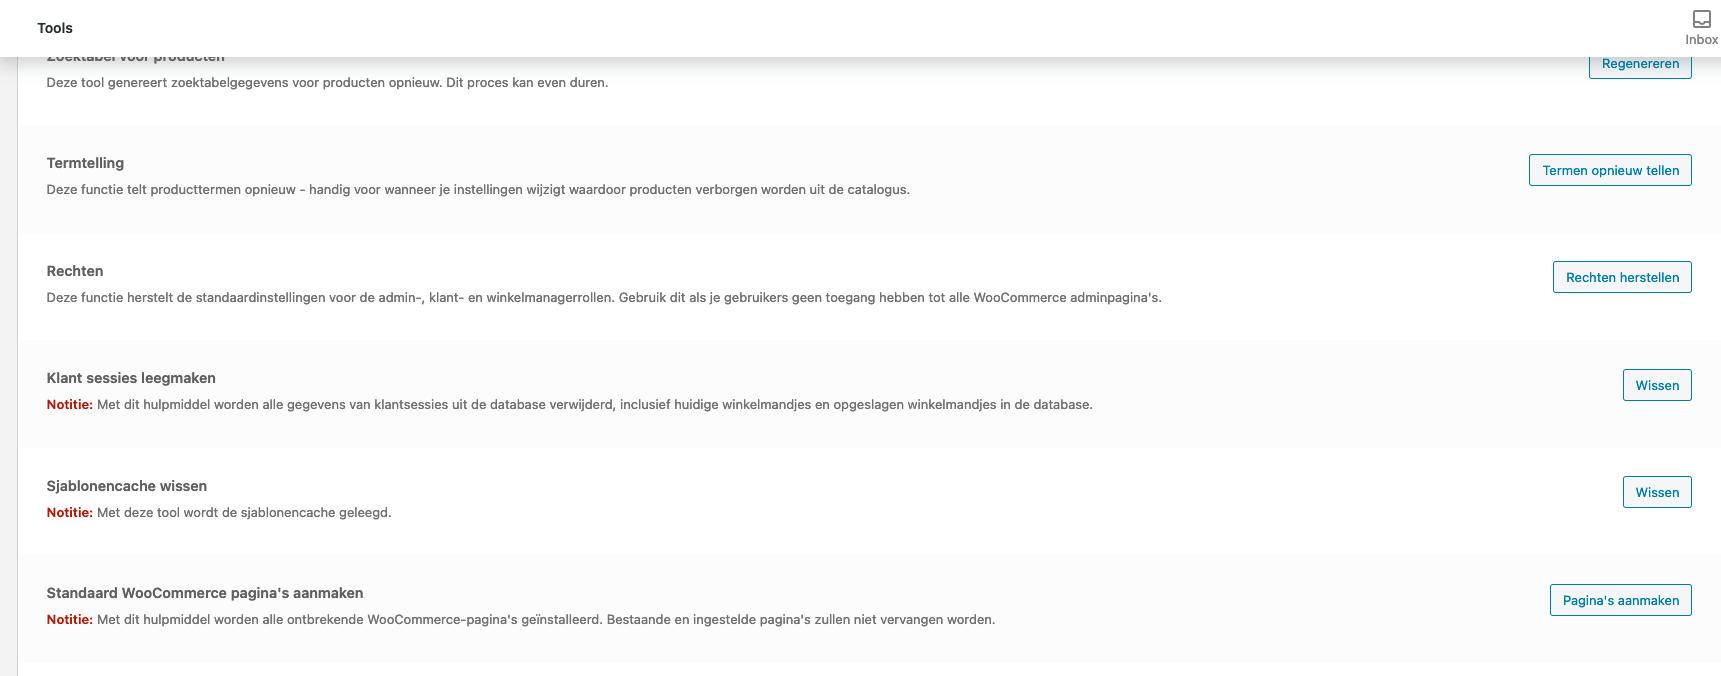 Optie 'Standaard WooCommerce pagina's aanmaken' onder 'Tools' in de WooCommerce instellingen